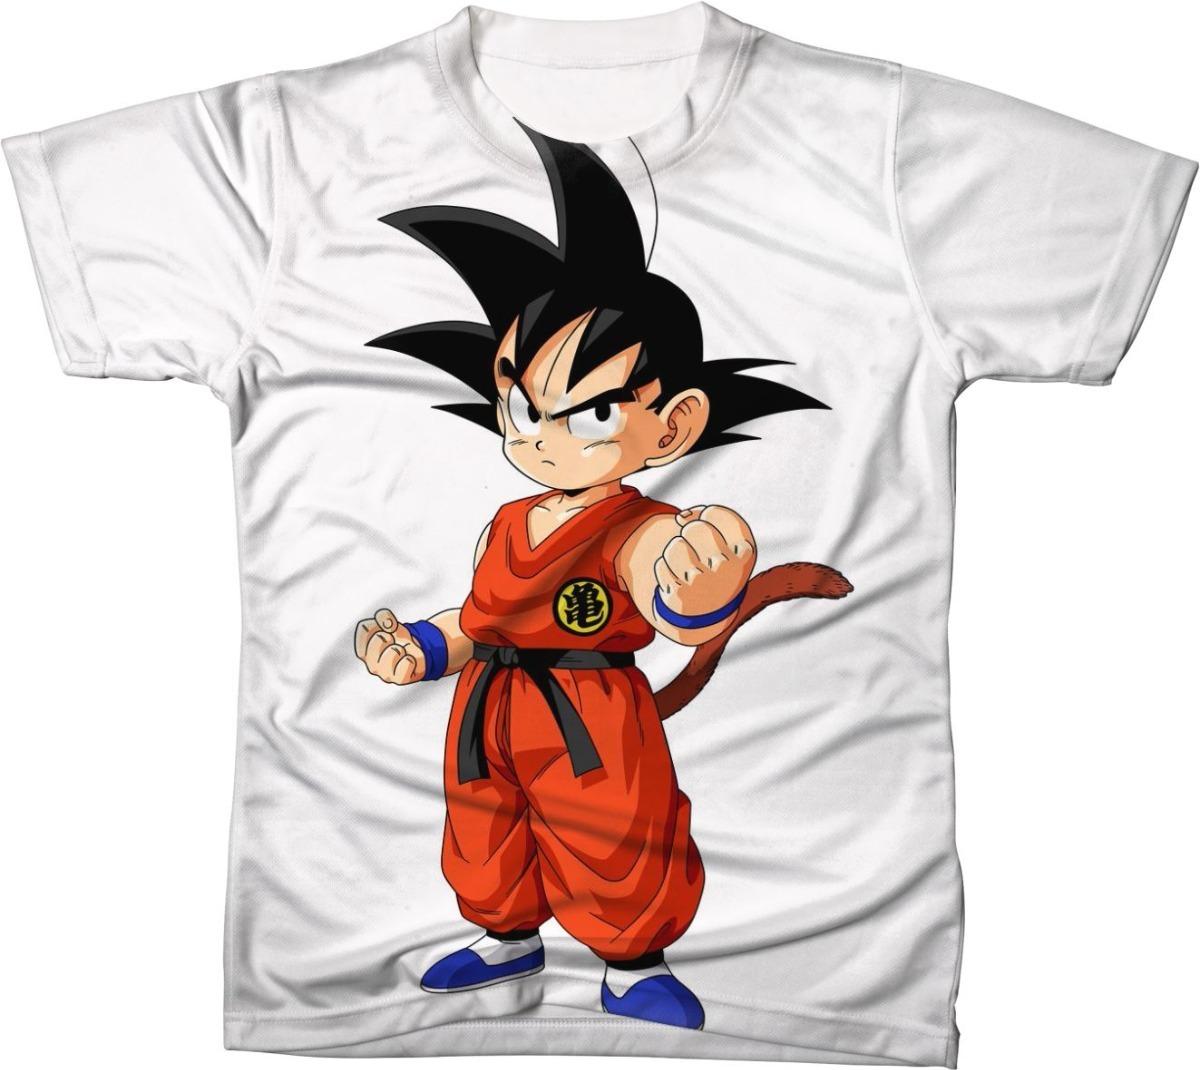 camisa camiseta blusa dragon ball desenho goku 03 r 49 95 em